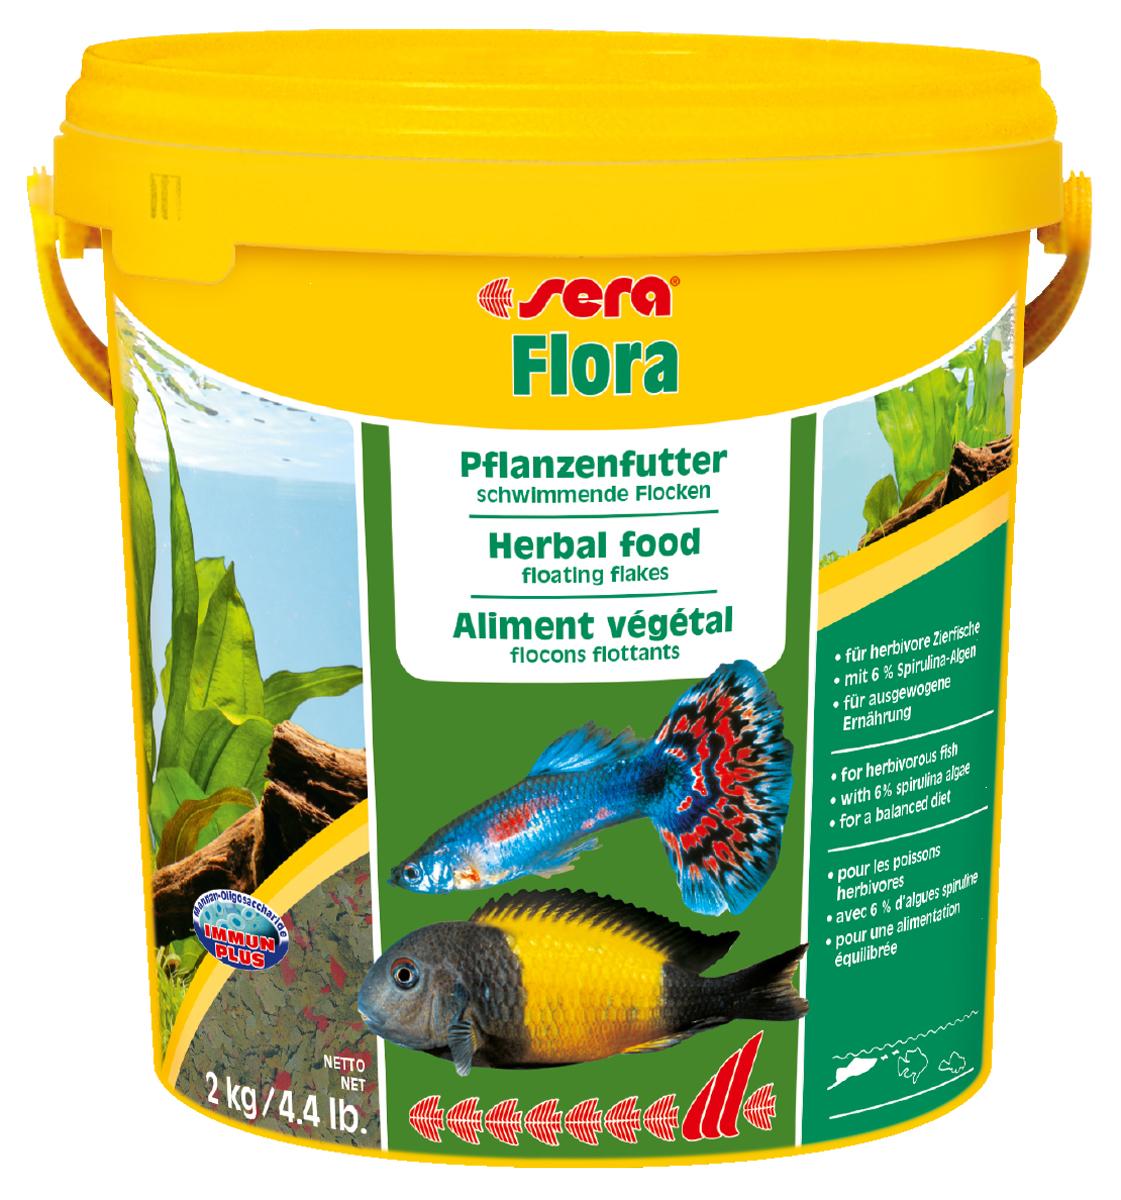 Корм для рыб Sera Flora, 10 л (2 кг)0690Растительный корм – плавающие хлопья – для растительноядных рыб – с 6% водорослей спирулина – для сбалансированного питания. Состоит из хлопьев, произведенных путем бережной обработки сырья. Это идеальный корм для всех видов рыб, кормящихся у поверхности воды. Тщательно подобранные ингредиенты корма, богатые балластными веществами, такими как водоросль спирулина, способствуют здоровому пищеварению и жизнестойкости рыб. Хлопья долго плавают, сохраняя свою форму, поэтому они поедаются полностью и не загрязняют воду. Инструкция по применению: Кормить один-два раза в день, но только в том количестве, которое рыбы могут съесть в течение короткого периода времени. Ингредиенты: рыбная мука, пшеничная мука, пивные дрожжи, казеинат кальция, спирулина (6%), гаммарус, морские водоросли, цельный яичный порошок, крапива, люцерна, растительное сырье, маннанолигосахариды (0,4%), жир из печени рыбы (в т.ч. 34% Омега жирных кислот), петрушка, паприка, зеленые мидии, шпинат, морковь, водоросль...